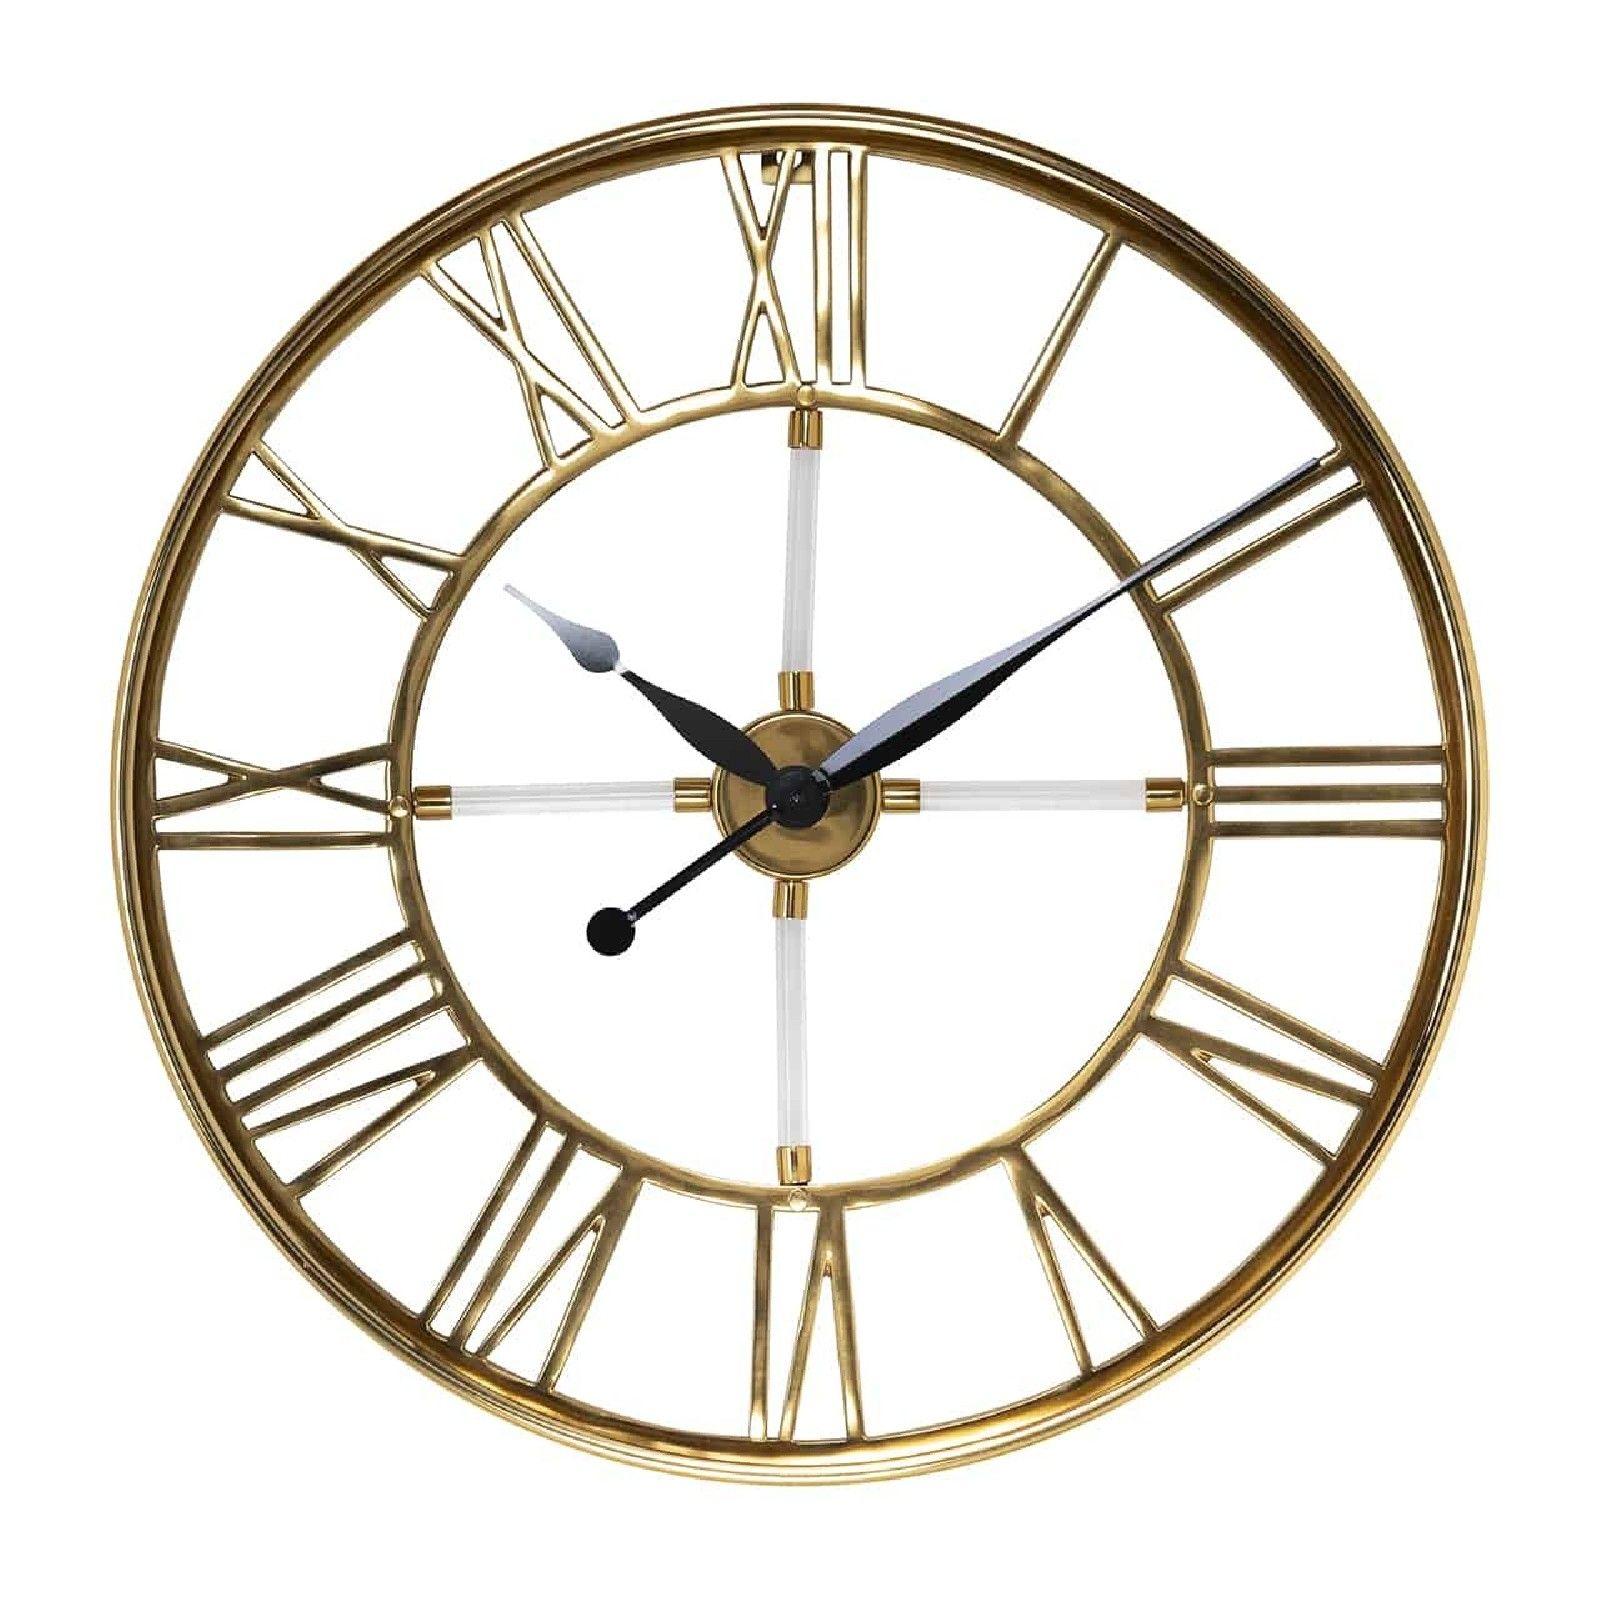 Horloge Bryson Horloges murales - 17